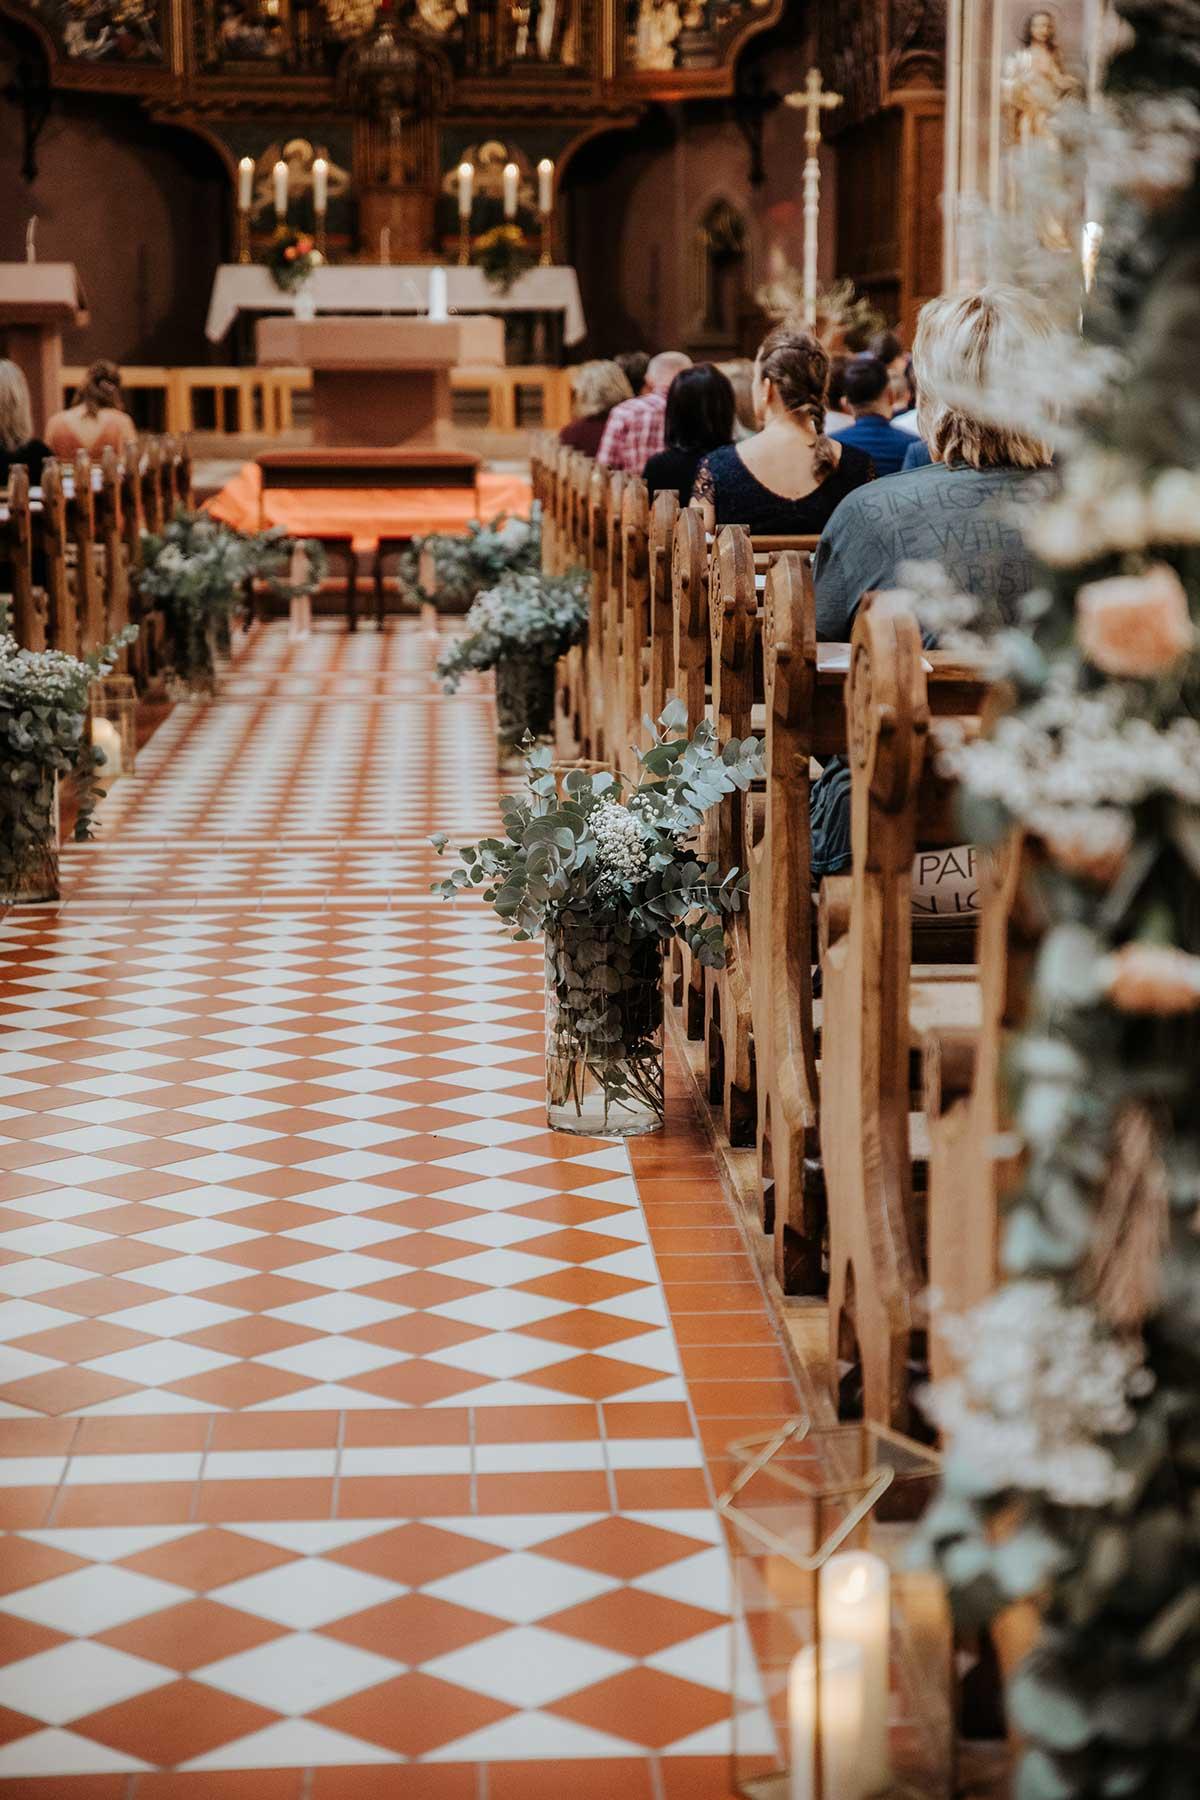 Dekoration für die Hochzeit in der Kirche